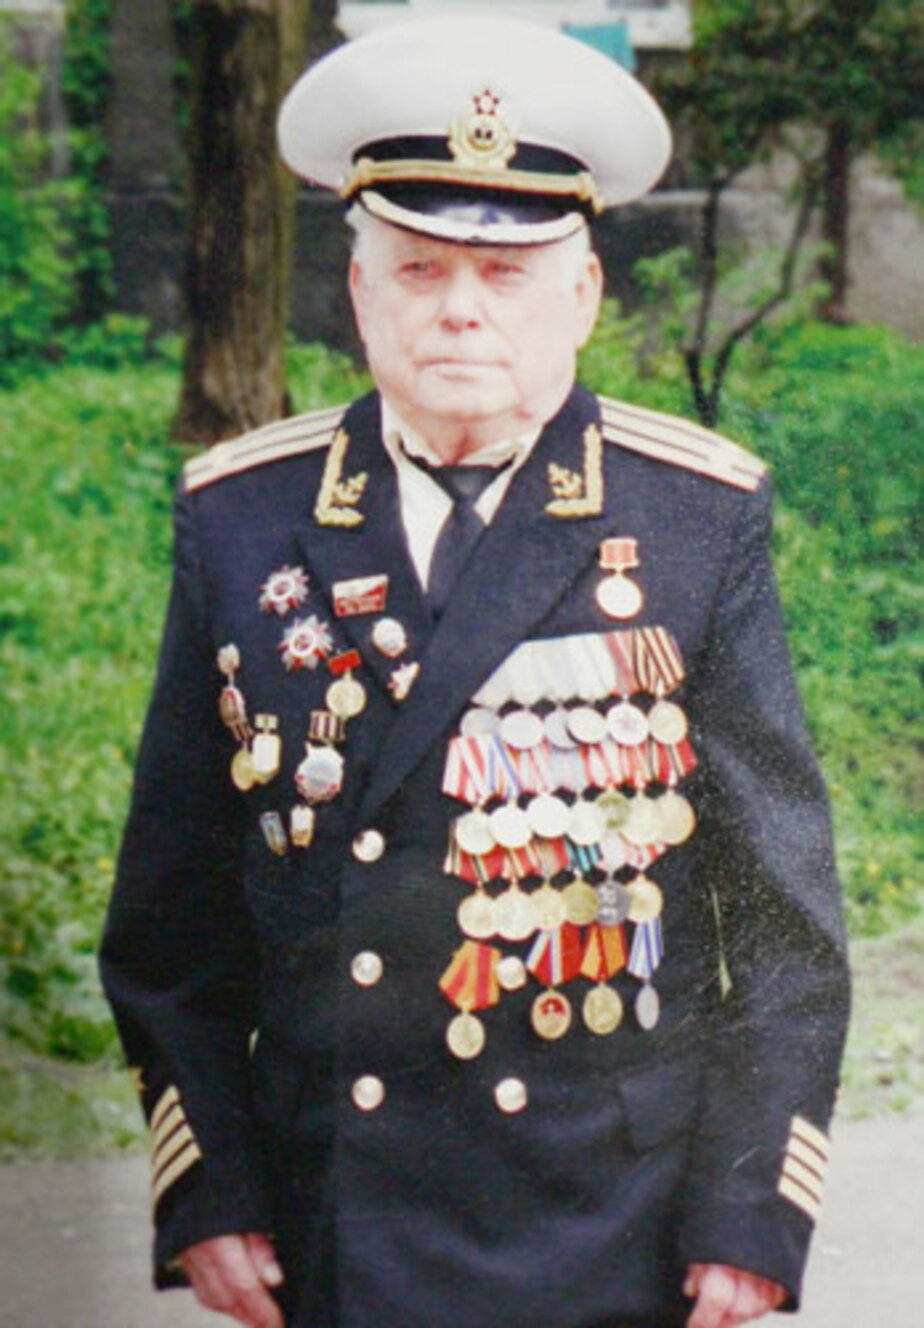 Пенсию 90-летнего ветерана грабитель отослал своей семье в Узбекистан - Новости Калининграда